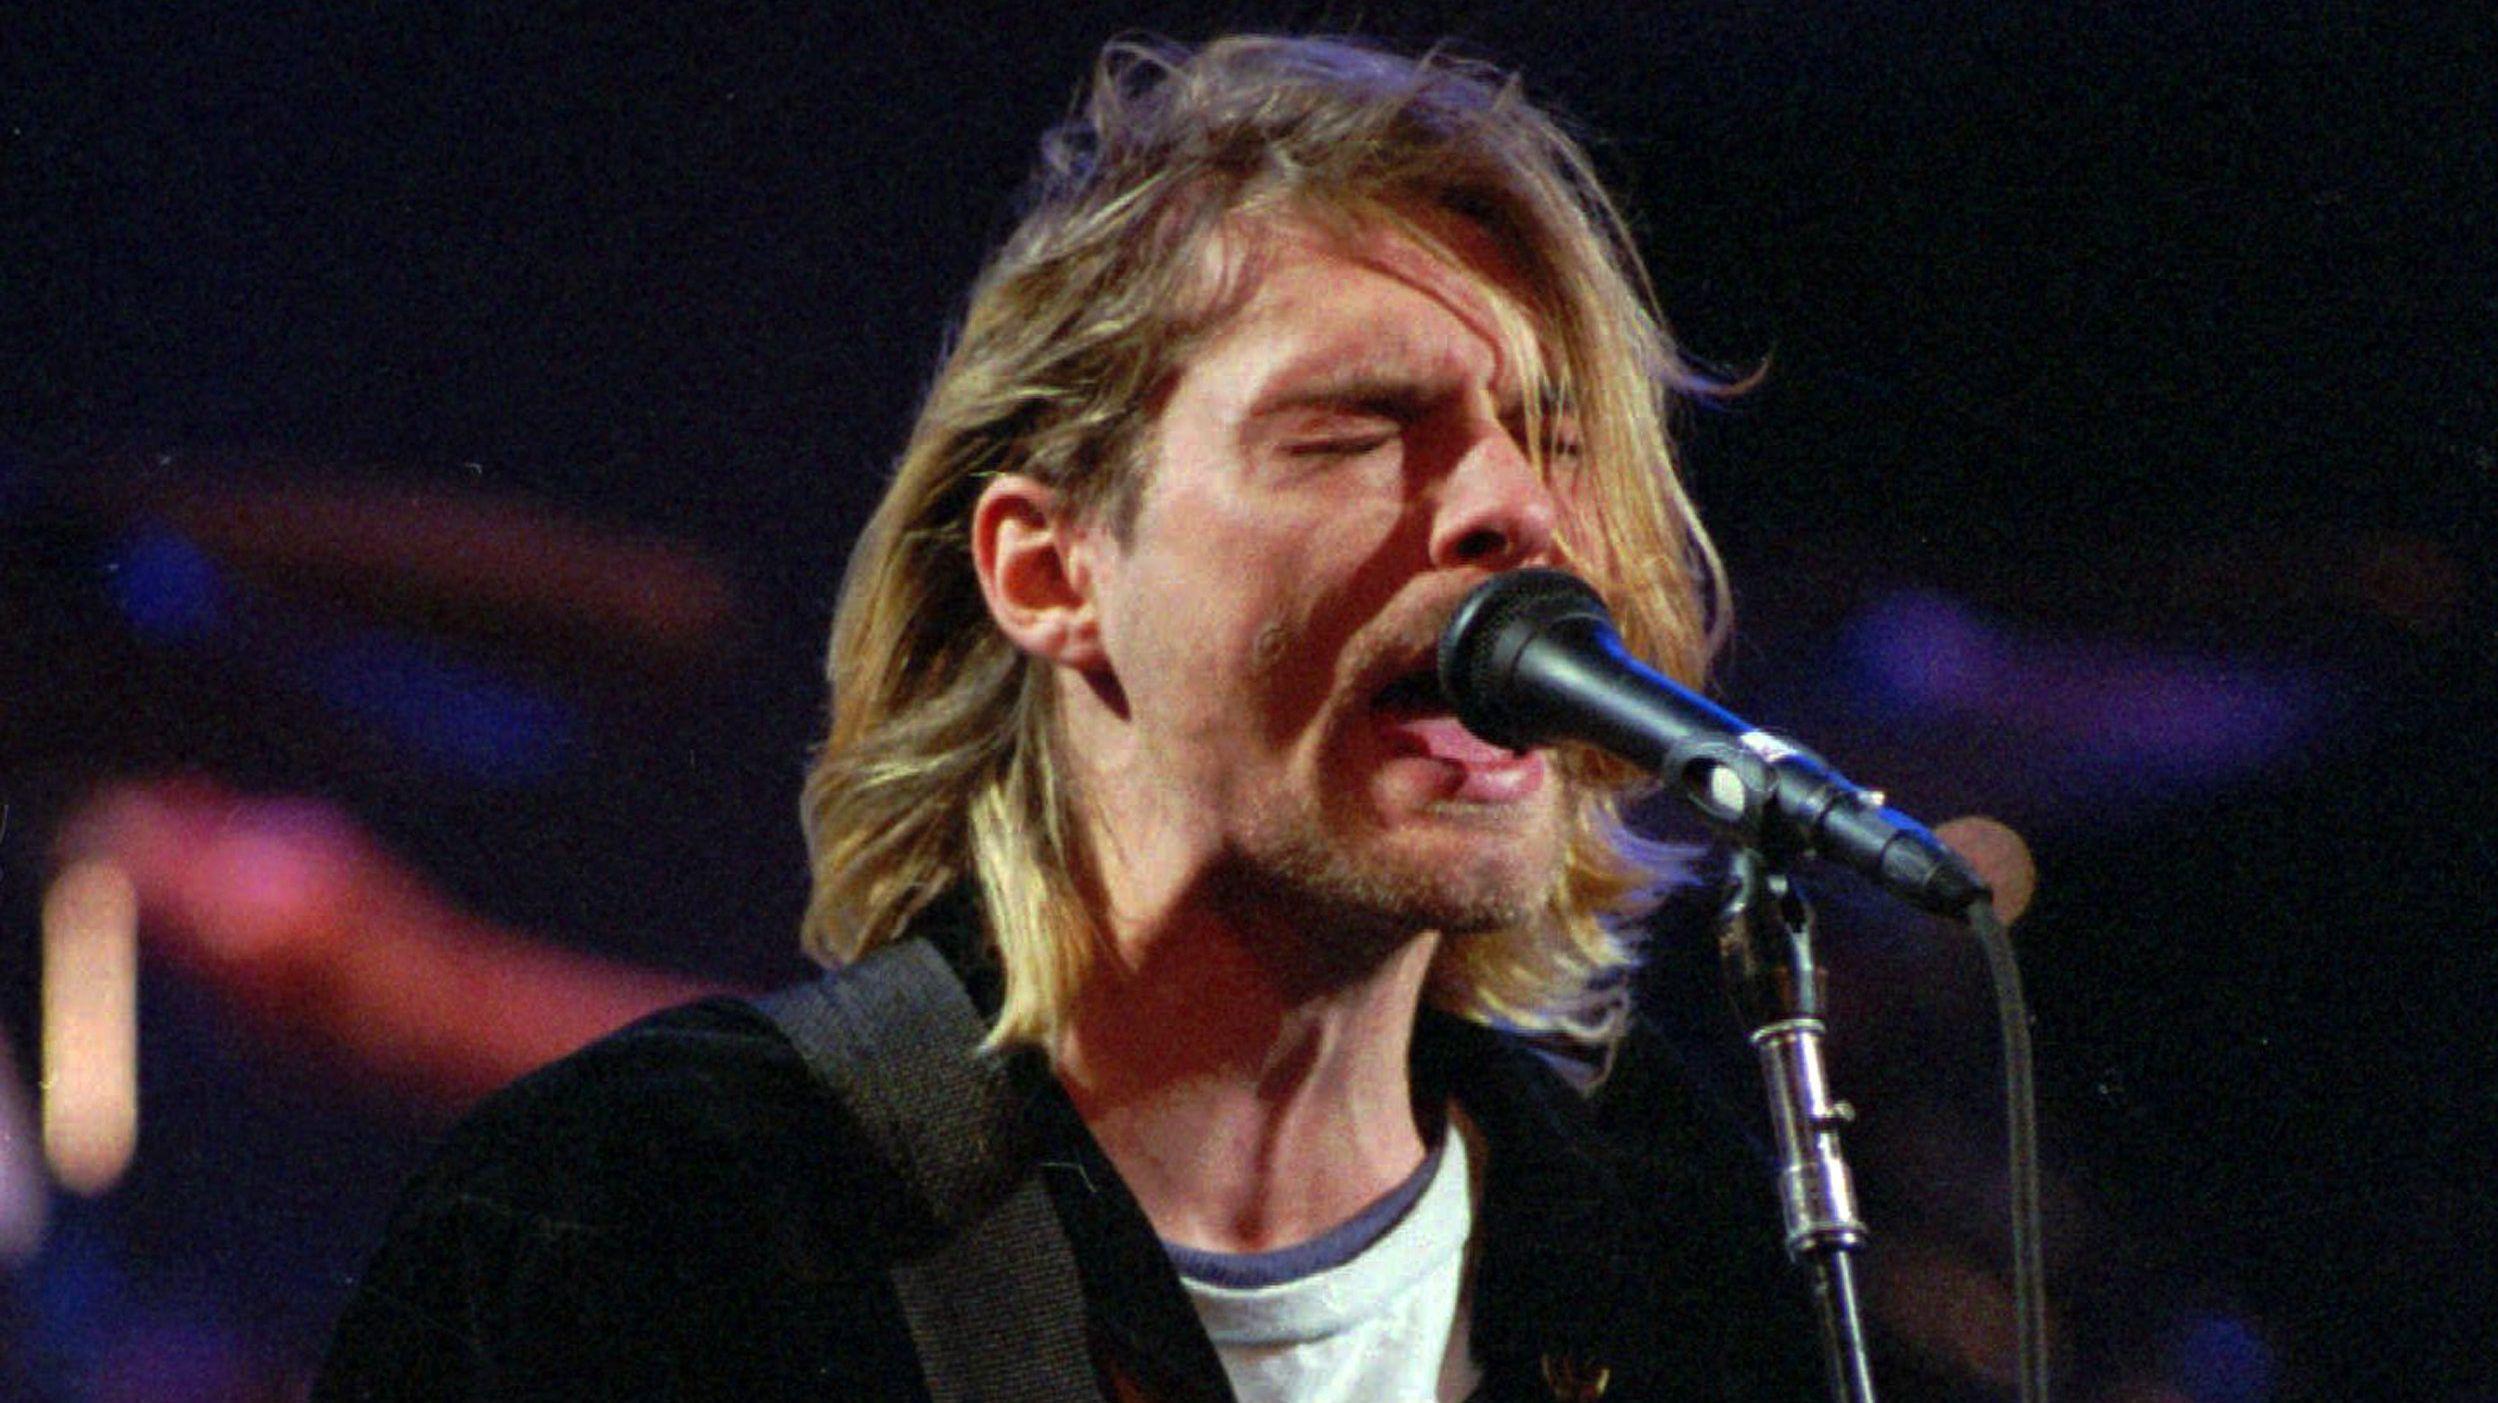 Sänger der Band Nirvana, Kurt Cobain.